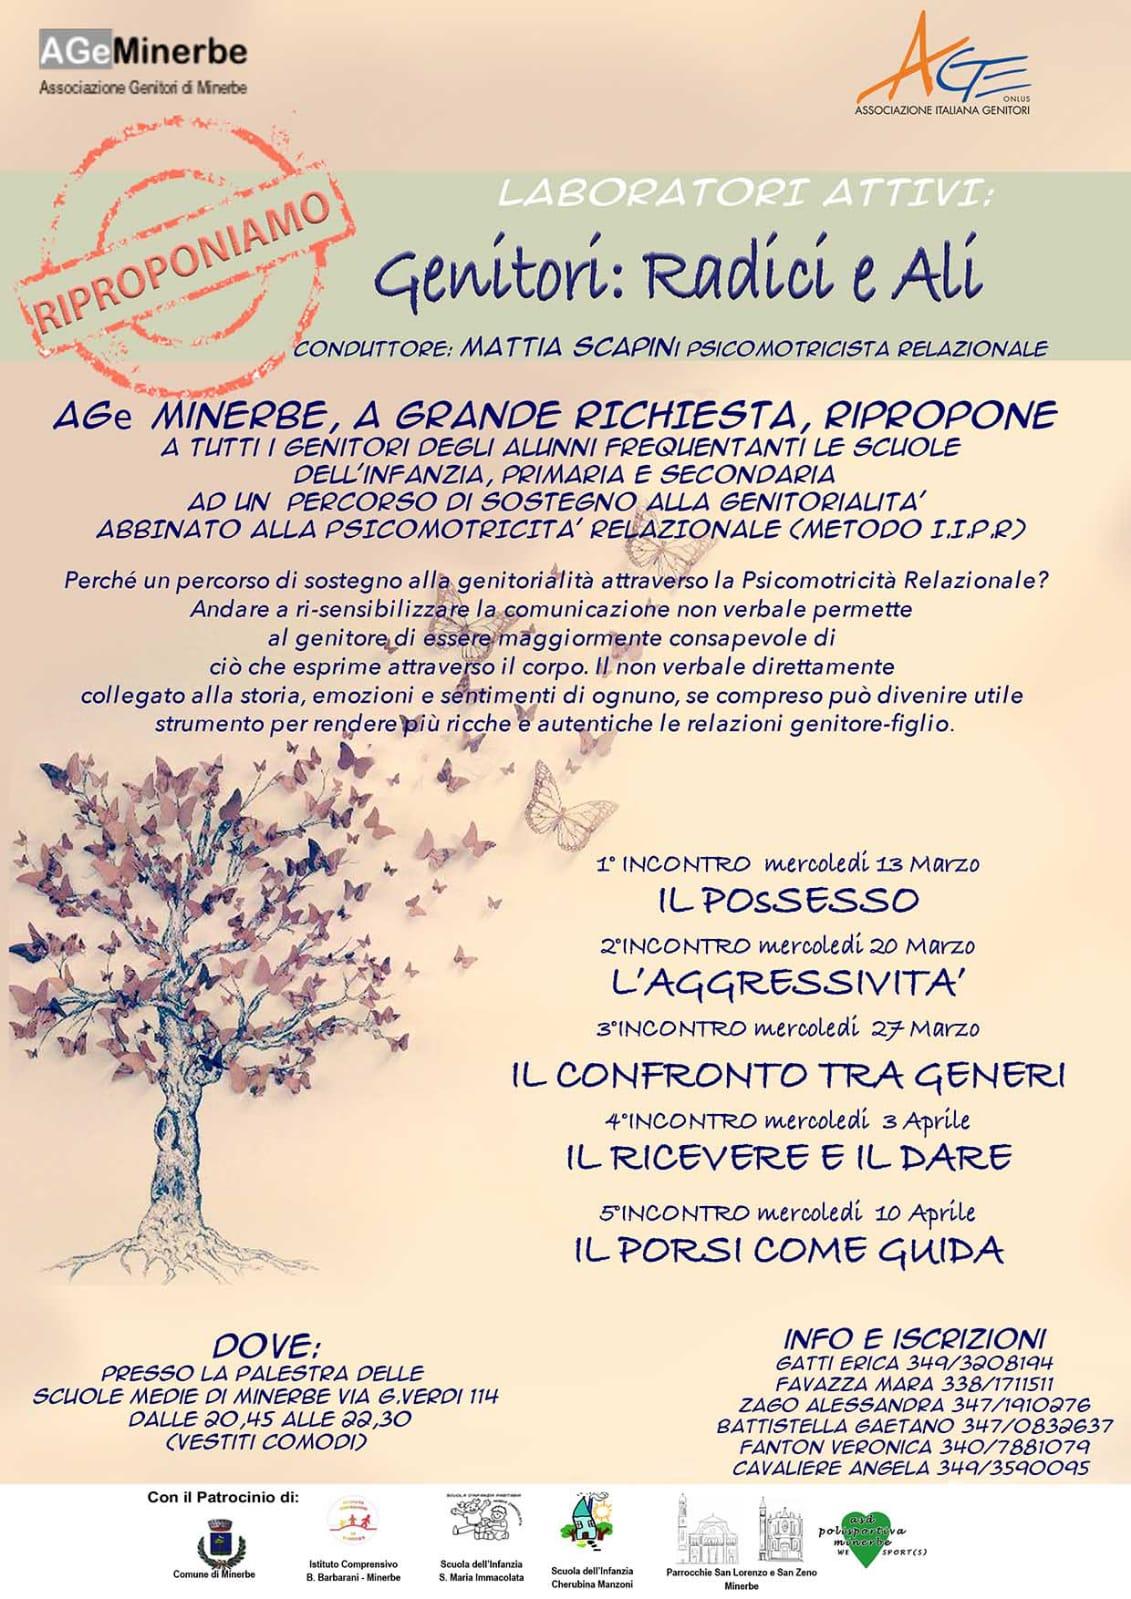 Psicomotricità Verona Genitori Radici e ali - Sostegno alla geitorialita - AGE 2019